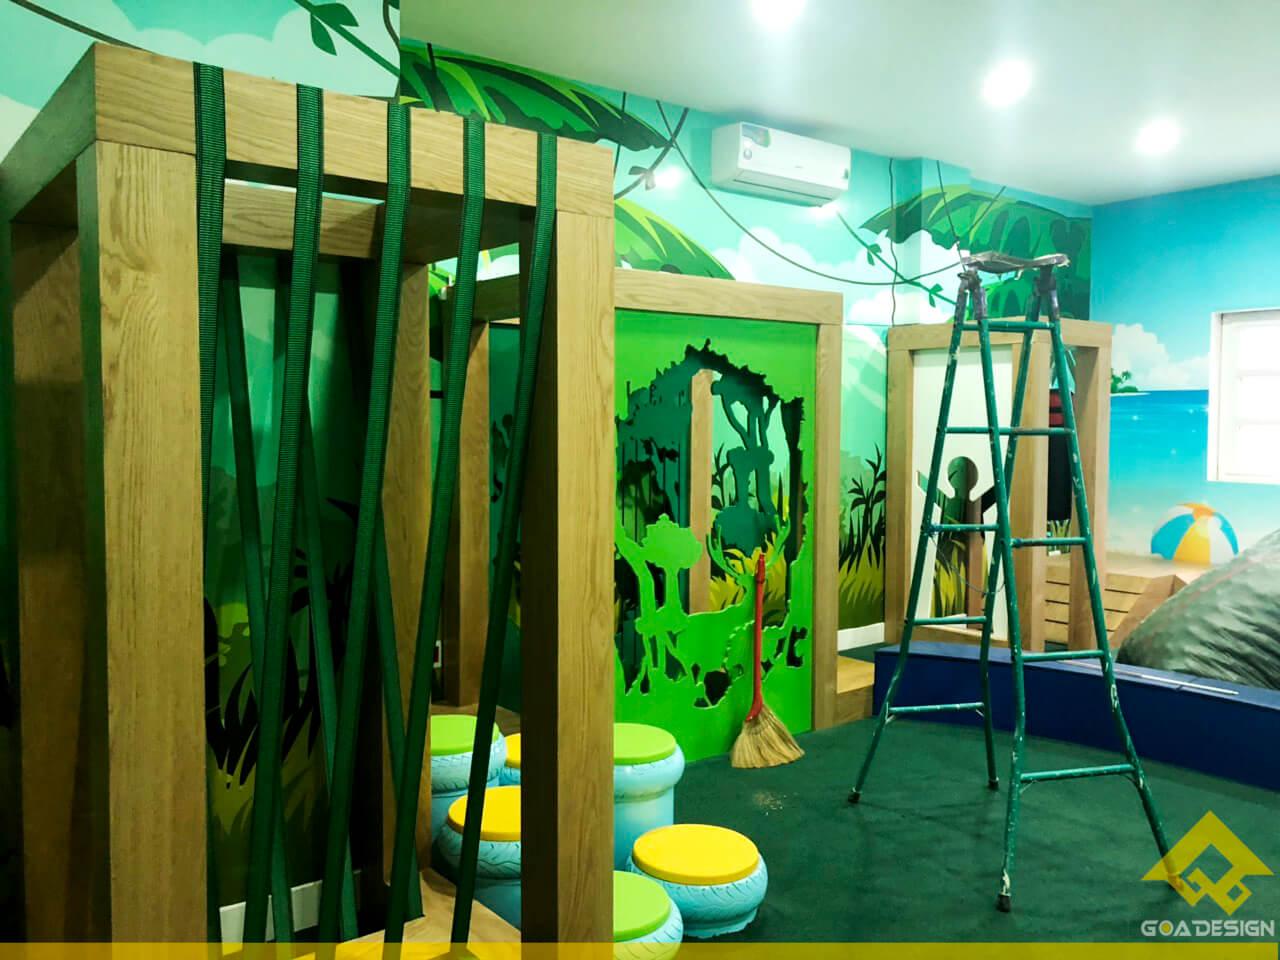 GOADESIGN Thiết kế khu vui chơi Phú Nhuận (39)